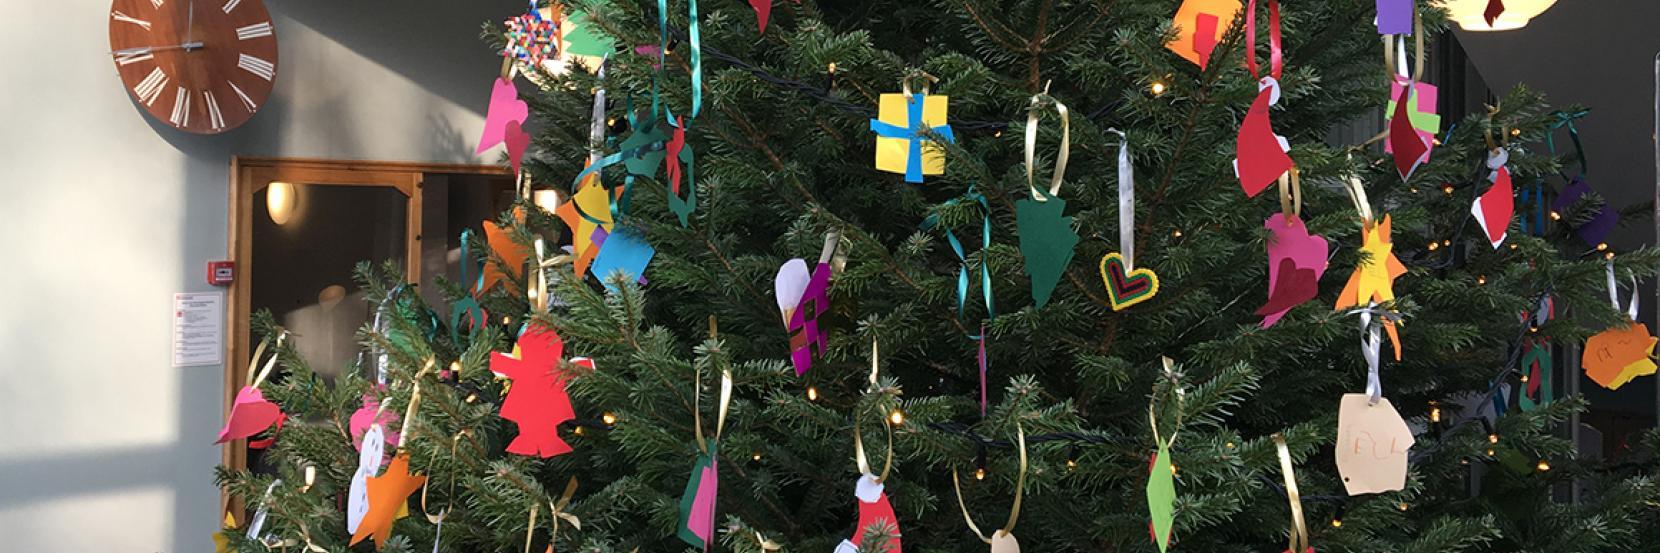 Juletræet i forhallen på rådhuset er pyntet af børn fra børnehaven på Vangebovej